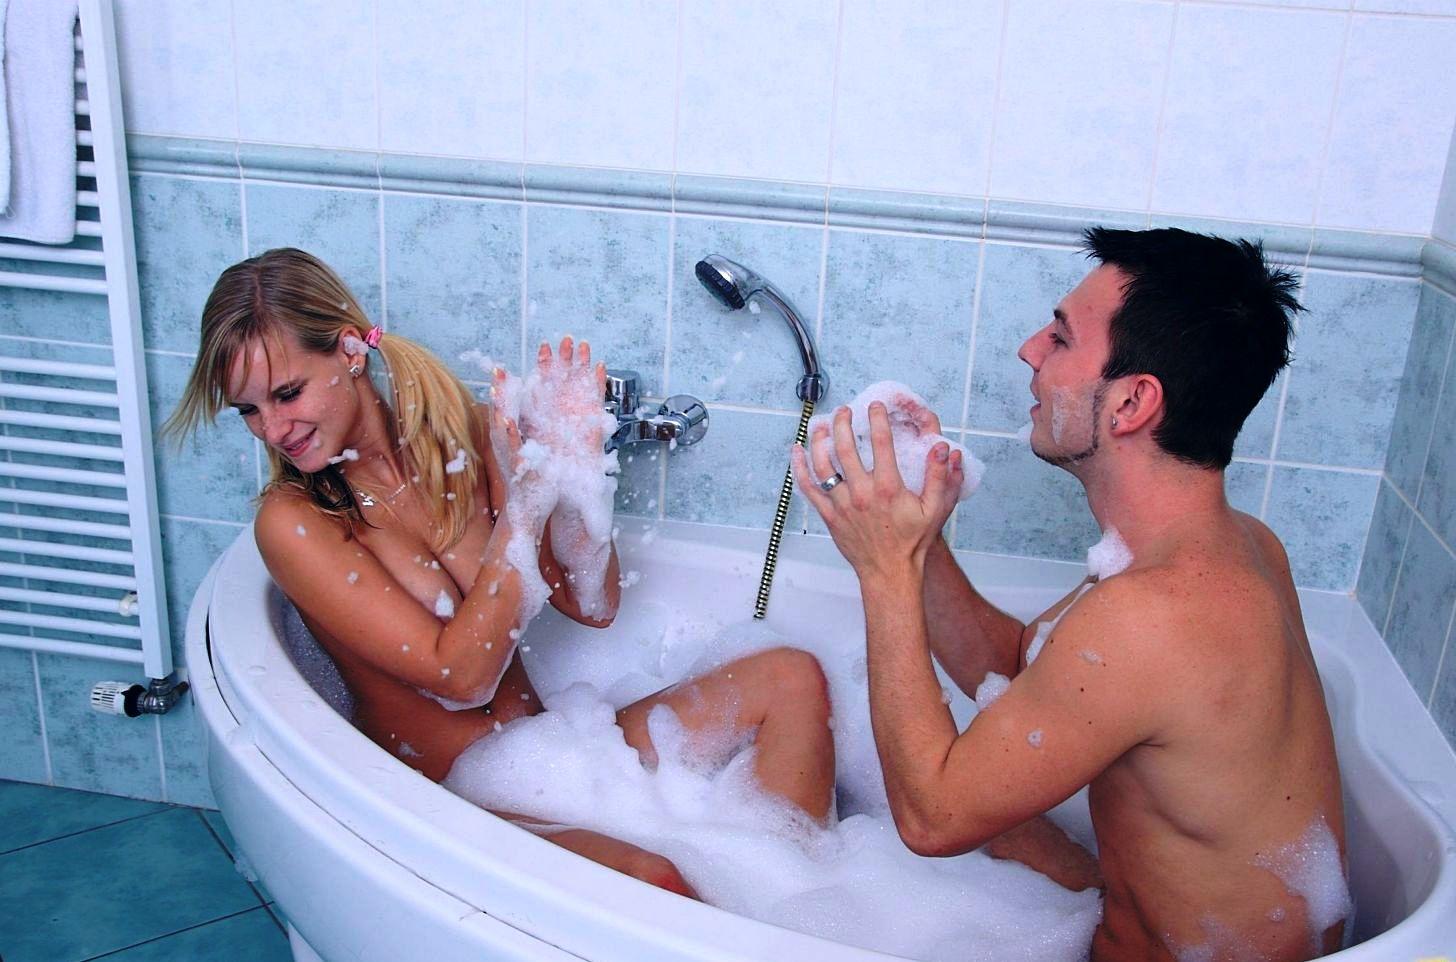 Порно секс в душе и ванной, эротика порно блондинка